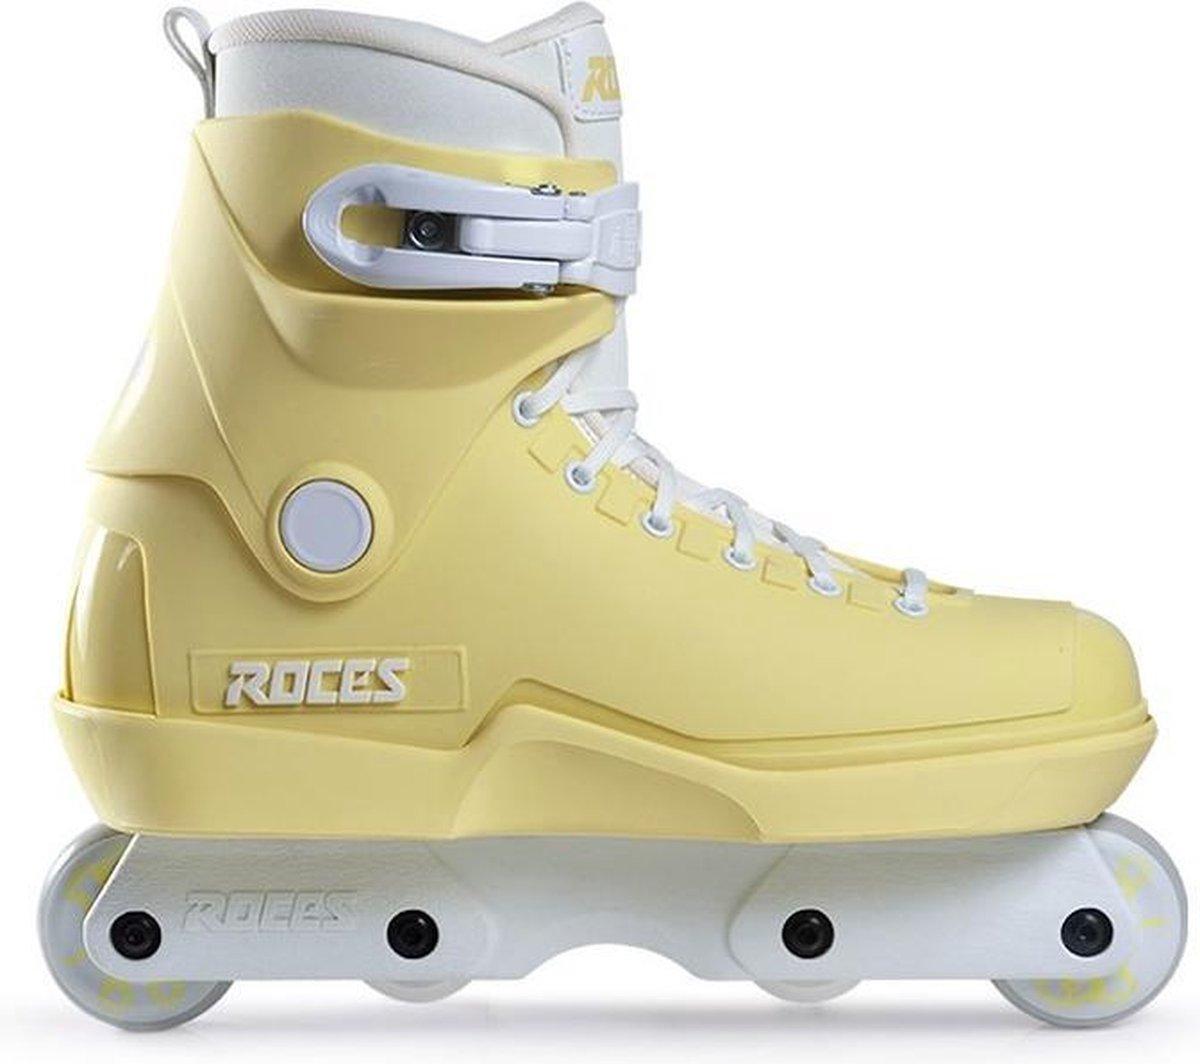 ROCES M12 Lo Team Stunt skates Unisex - 48 - Geel